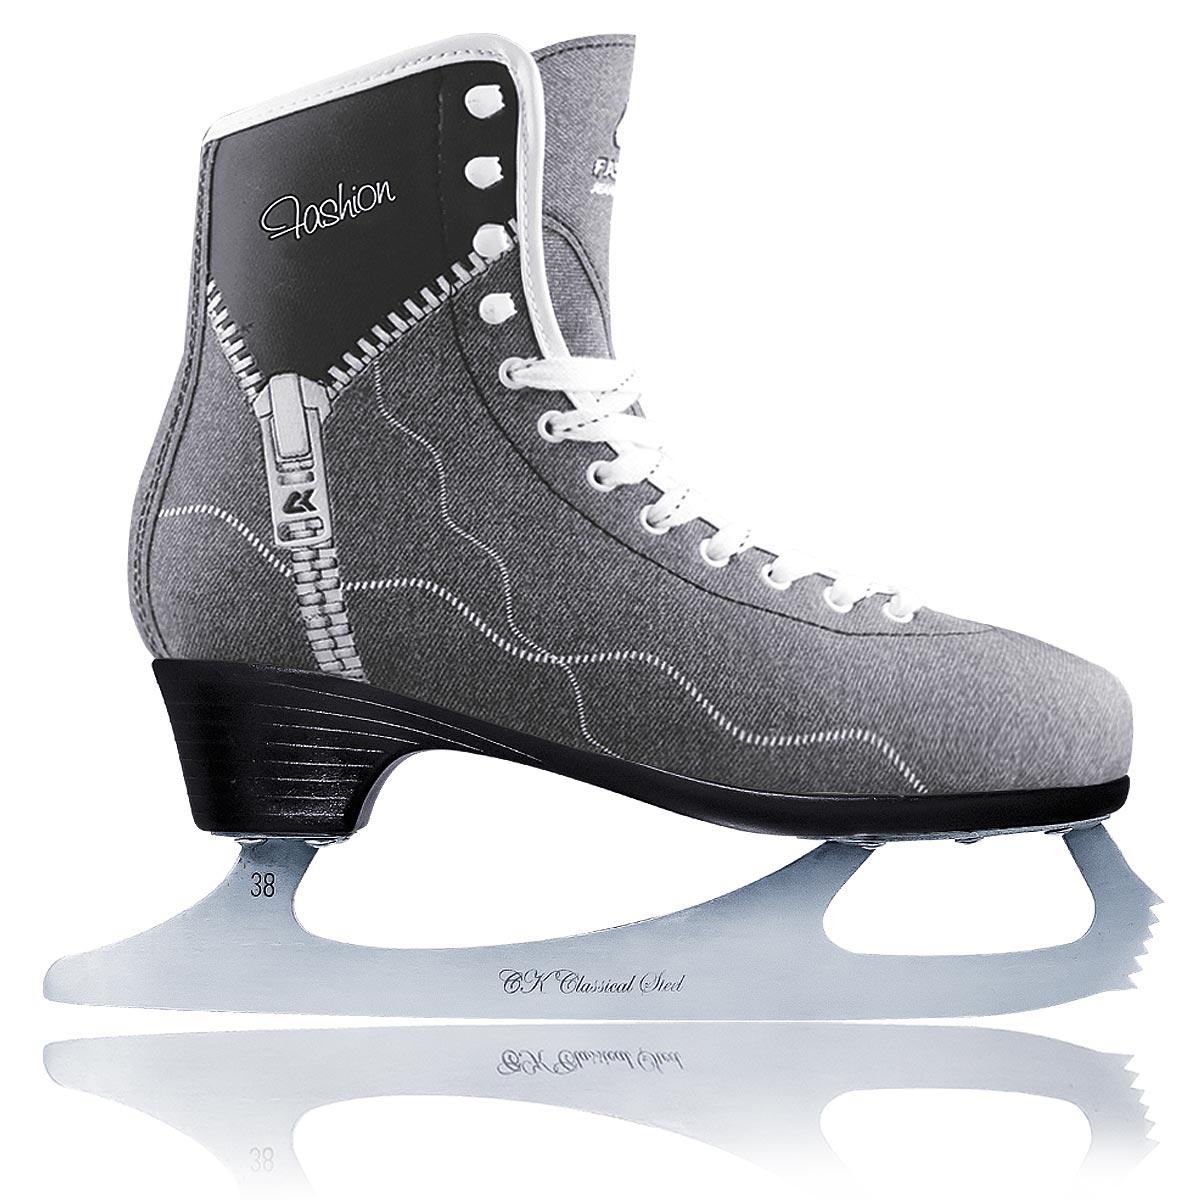 Коньки фигурные женские CK Fashion Lux Jeans, цвет: серый, черный. Размер 39PW-221Фигурные коньки от CK Fashion Lux Jeans идеально подойдут для любительского катания. Модель с высокой, плотной колодкой и усиленным задником, обеспечивающим боковую поддержку ноги, выполнена из синтетического материала на виниловой основе. Внутренняя поверхность отделана искусственным мехом. Анатомический язычок из войлока идеально облегает стопу и повышает комфорт. Стелька из упругого пенного полимерного материала EVA предназначена для быстрой адаптации ботинка к индивидуальным формам ноги и ее комфортного положения. Ботинок обеспечивает комфорт и устойчивость ноги, правильное распределение нагрузки, сильно снижает травмоопасность. Ботинок полностью обволакивает ногу, обеспечивает прочную и удобную фиксацию ноги, а также повышенную защиту от ударов. Модель фиксируется на ноге классической шнуровкой. Лезвие выполнено из нержавеющей стали, оно обладает высокой твердостью и долго держит заточку. Подошва Graceful обладает элегантным дизайном, повышенной твердостью и пониженным весом. Более высокий каблук делает ногу более изящной и стройной, а также повышает управляемость и маневренность конька.